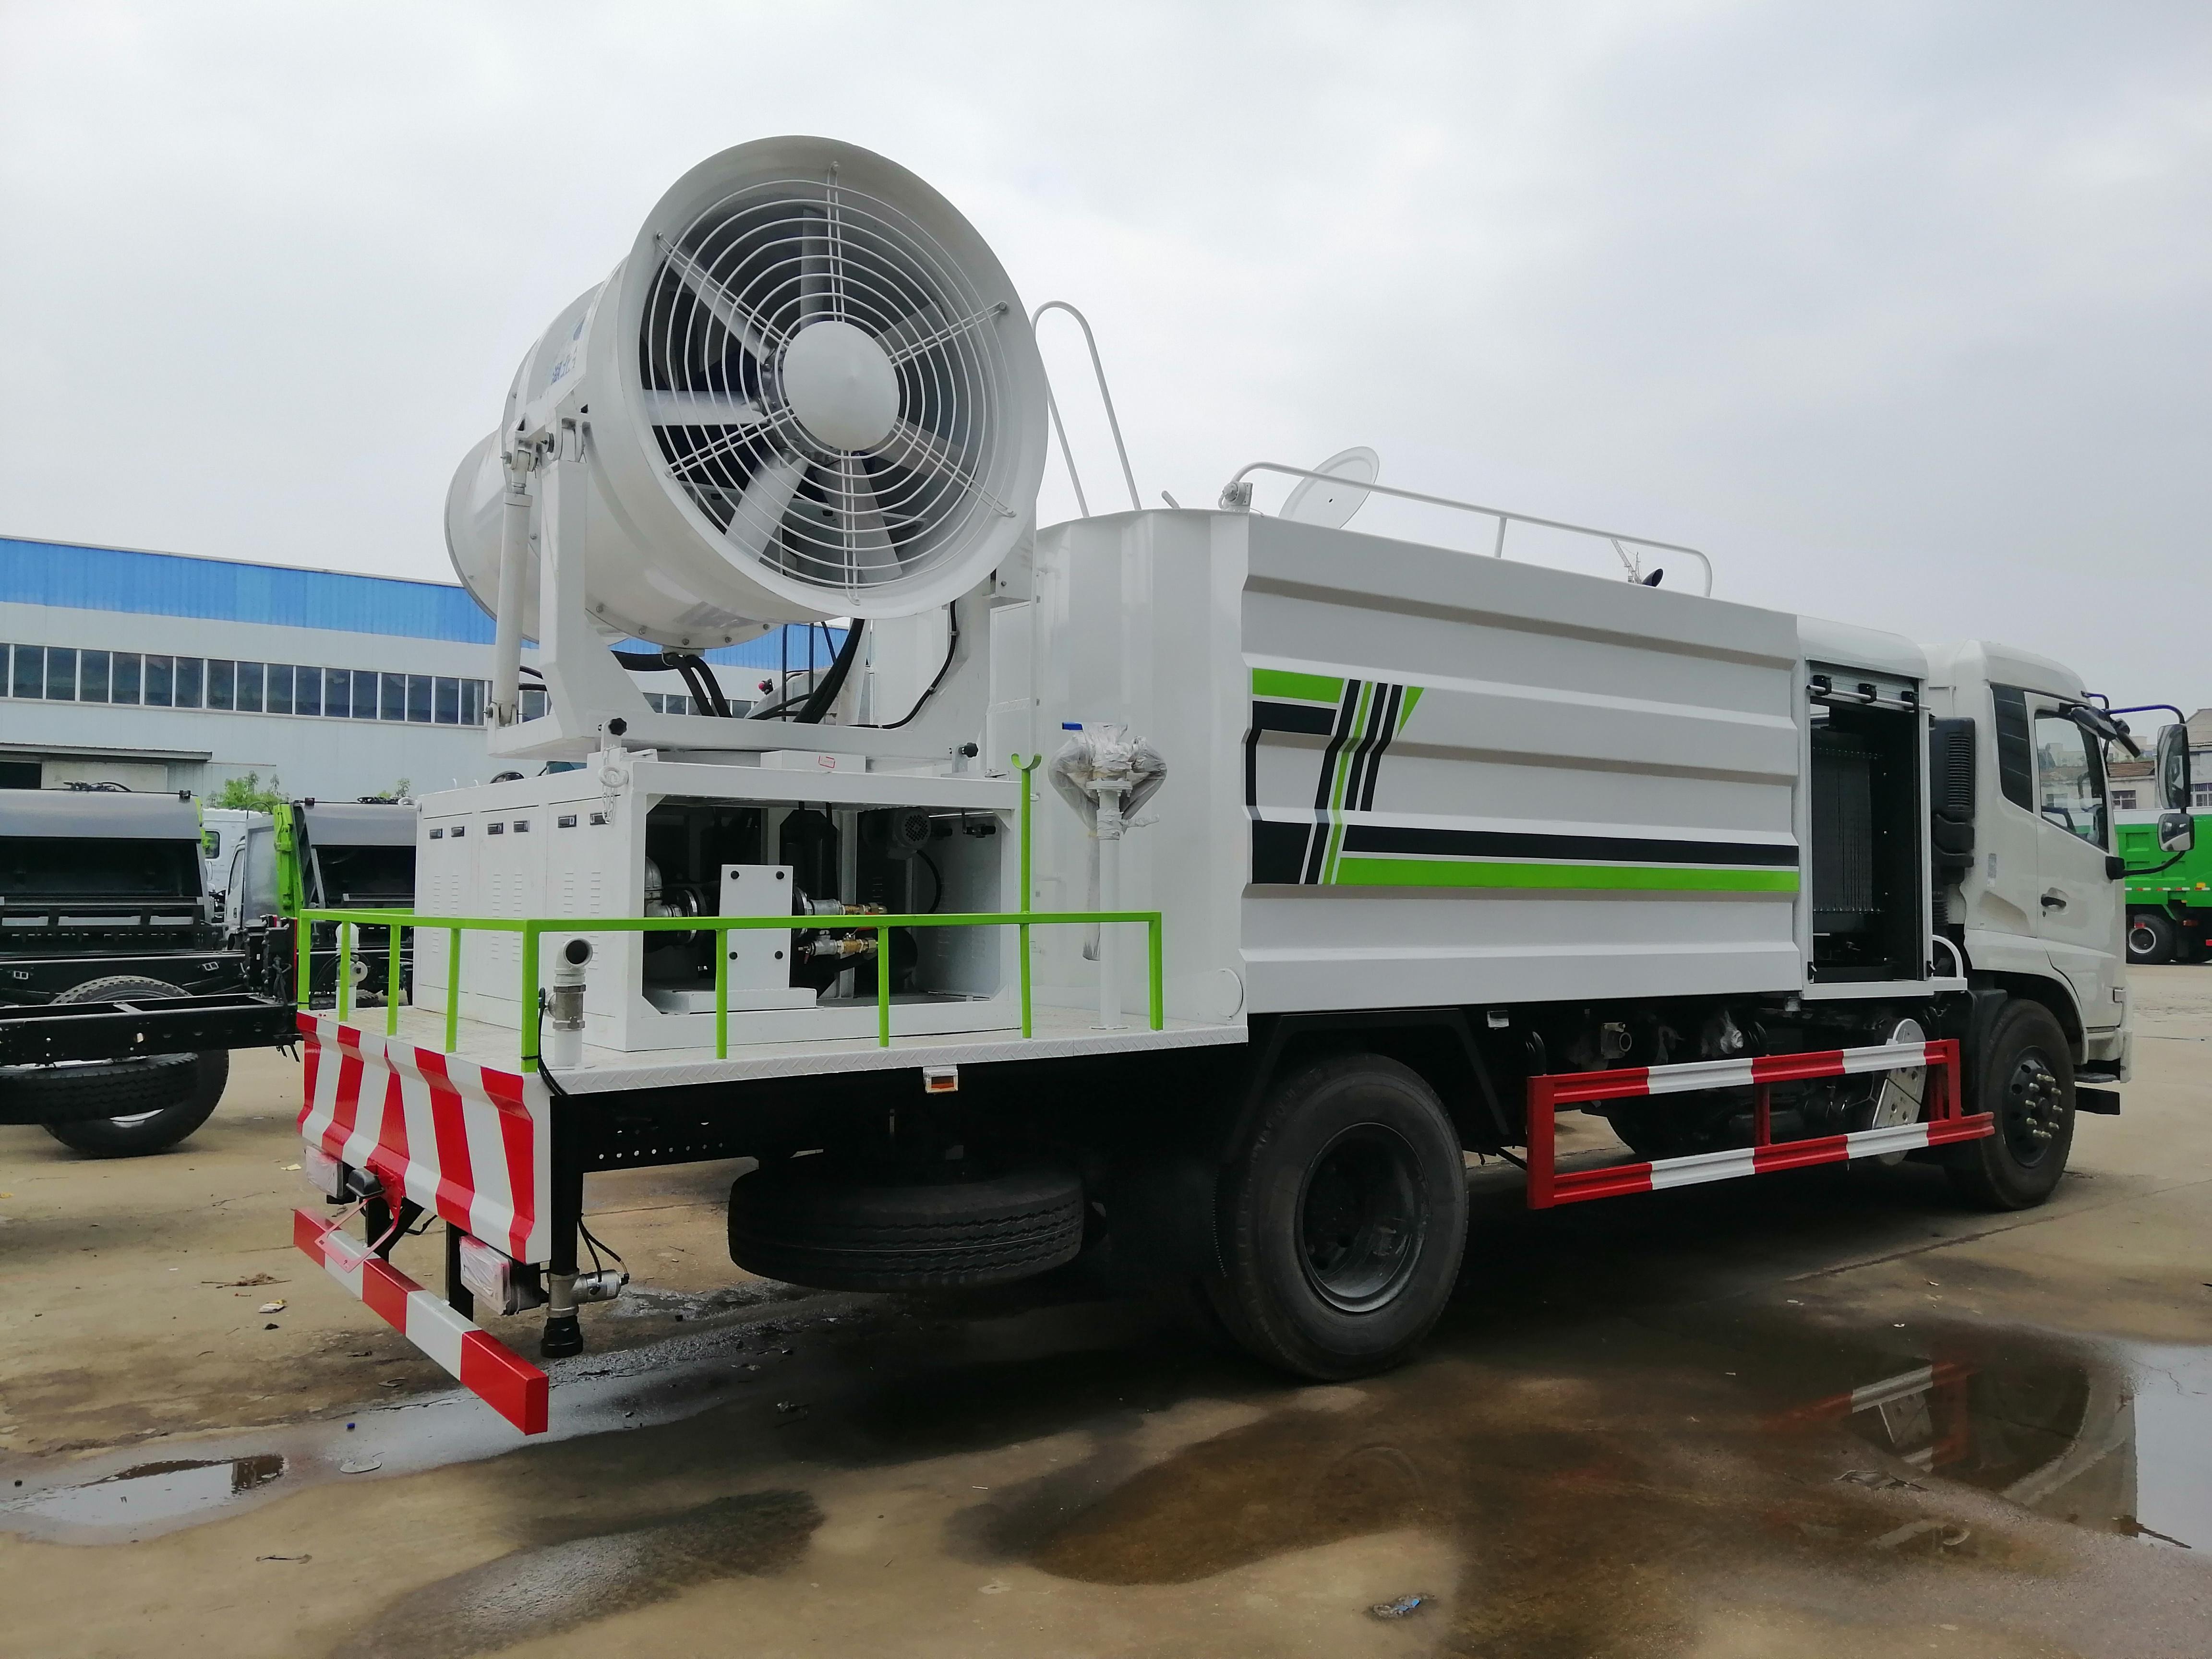 东风天锦12方抑尘车是什么效果,具体容积有多少方,配什么雾炮